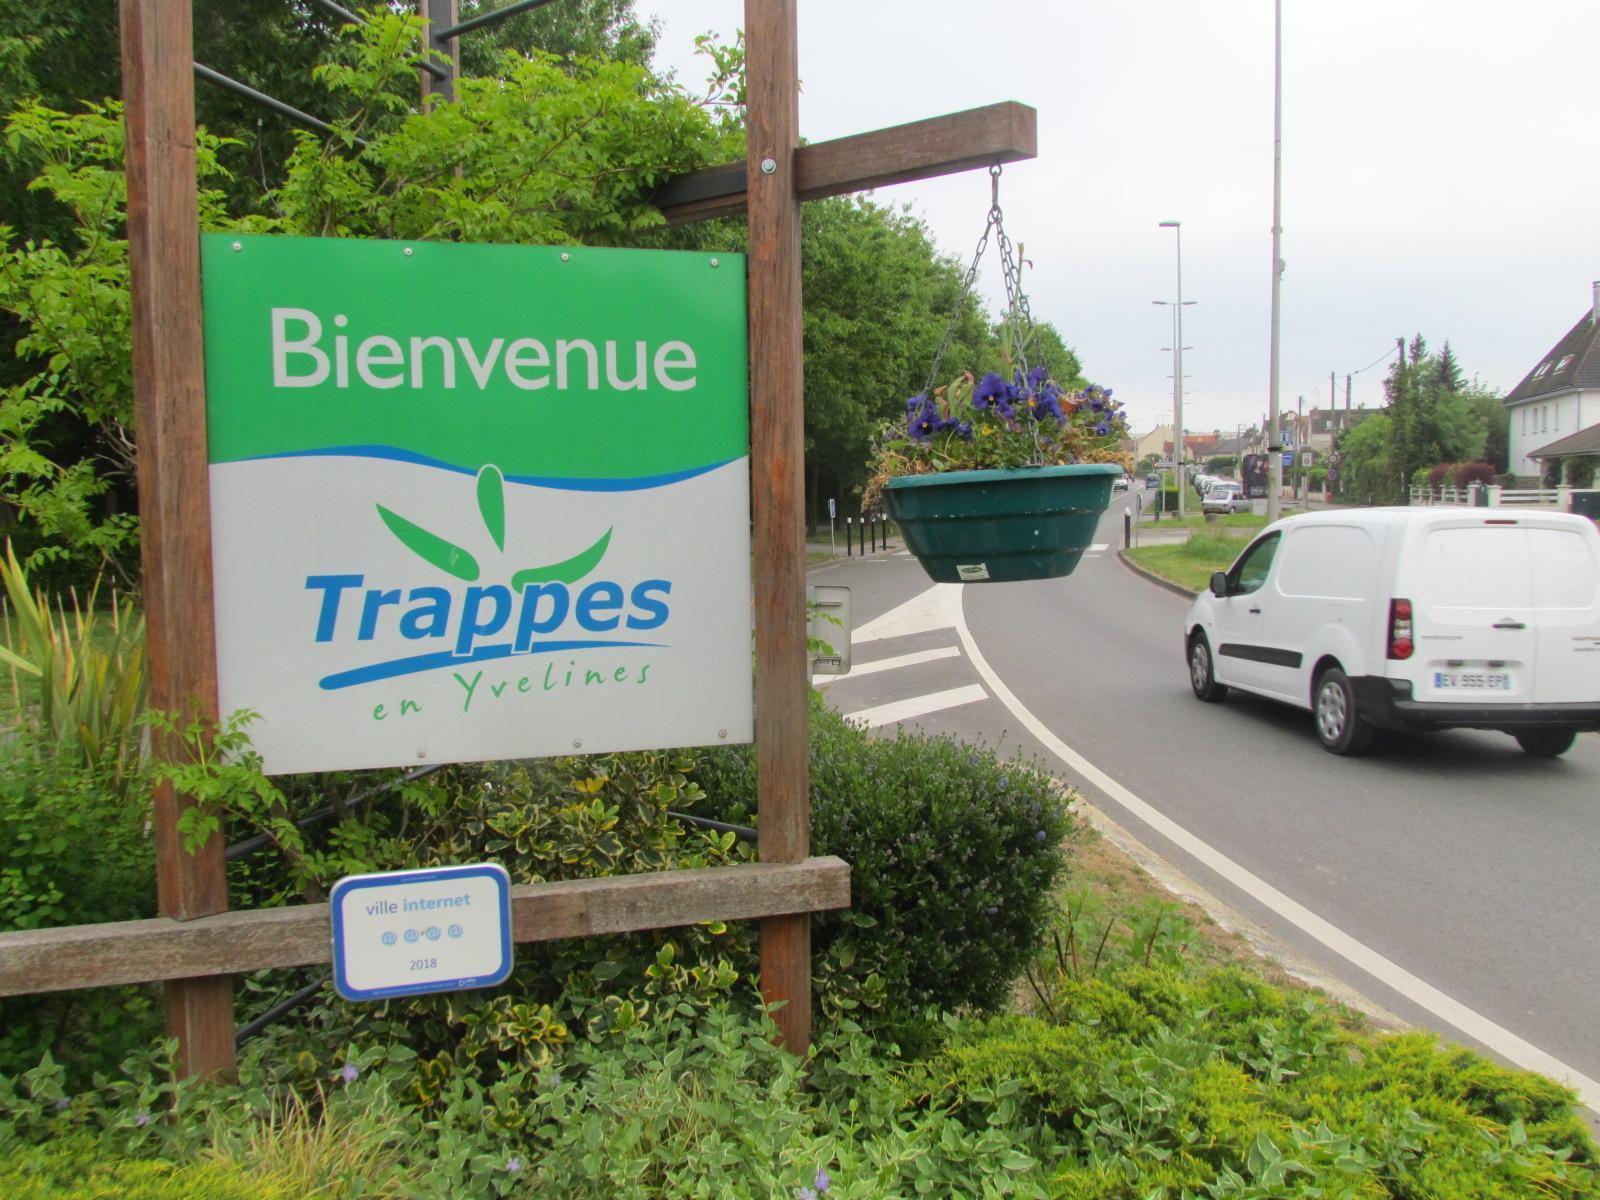 Du duo Le Pen - Darmanin à l'Italie en passant par Trappes, il y a danger !